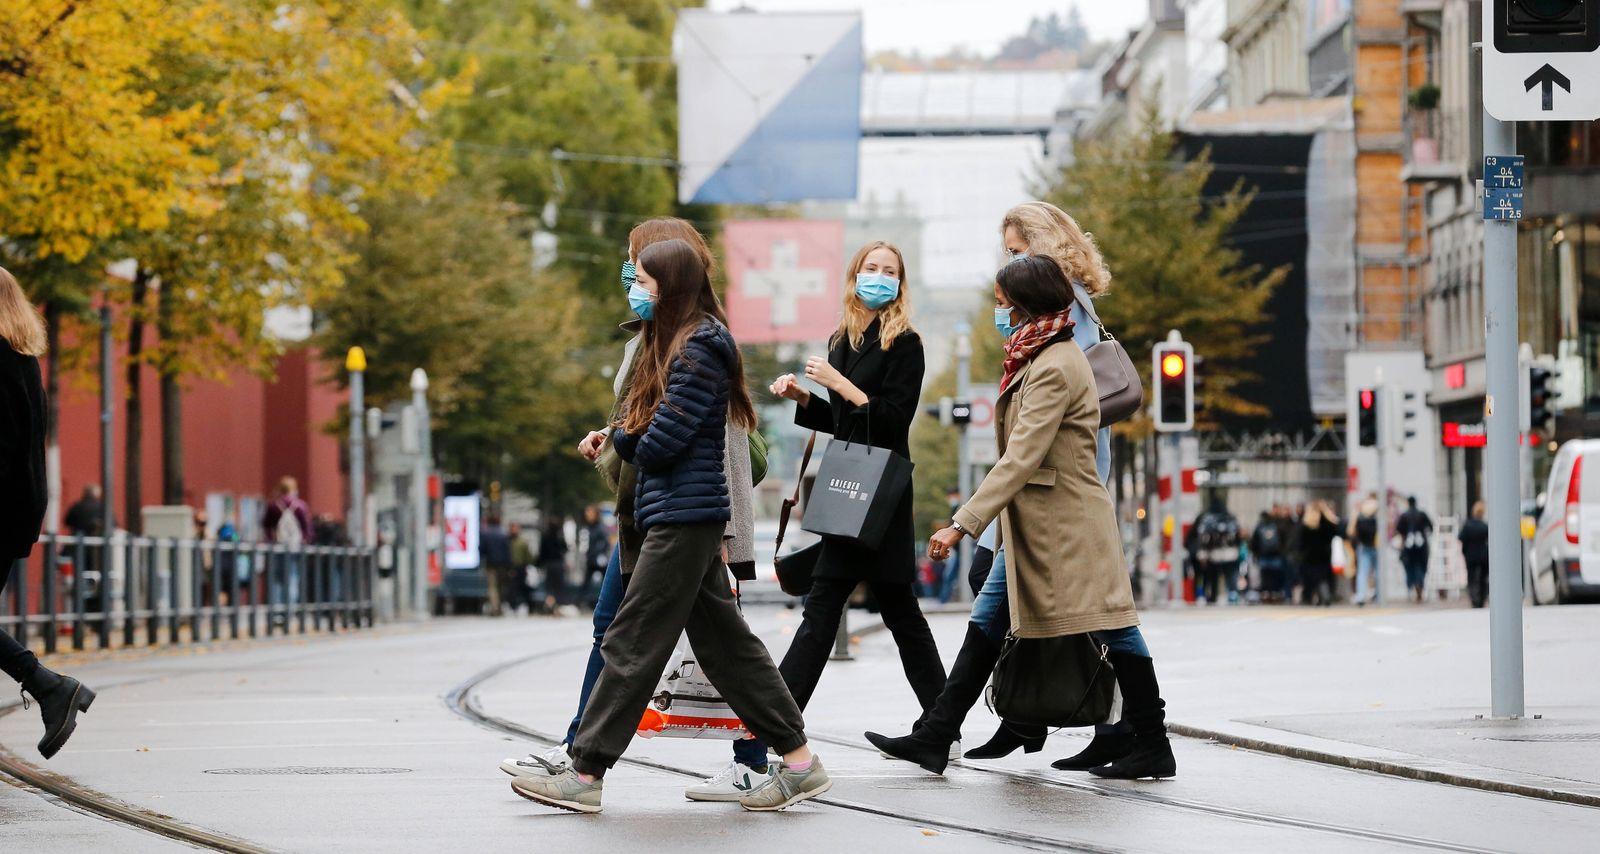 Foto Manuel Geisser 15.10.2020 Zürich : Junge Frauen mit Schutzmasken an der Bahnhofstrasse *** Photo Manuel Geisser 15